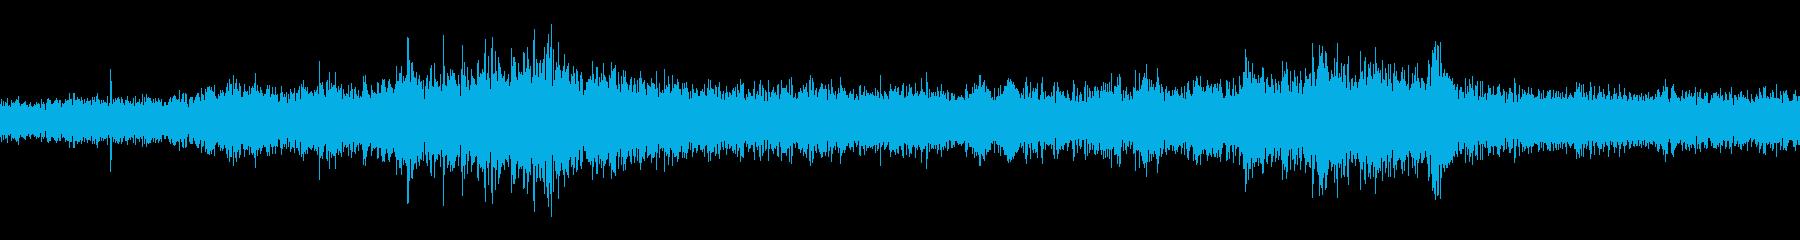 地下鉄車内の音 生録音 ループの再生済みの波形